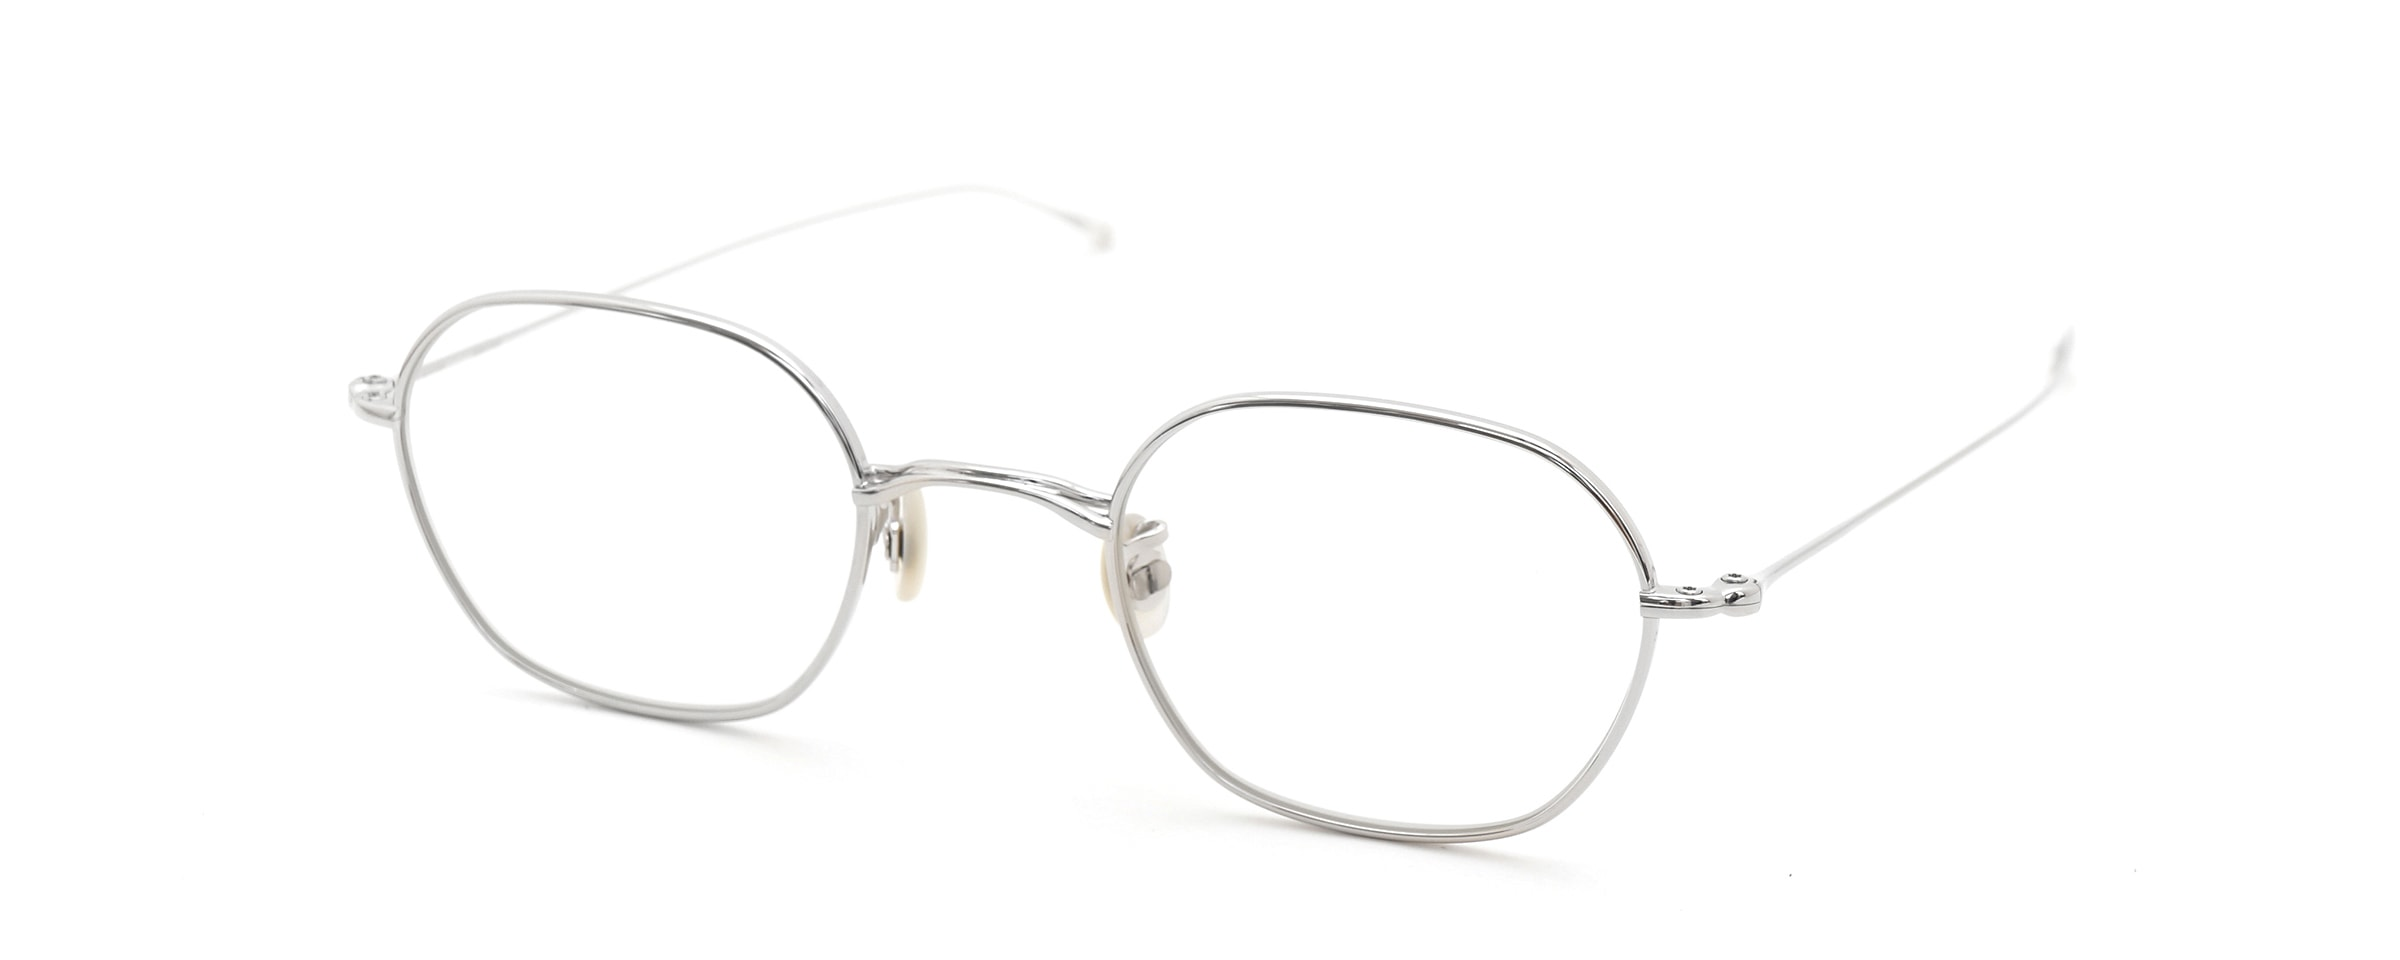 10 eyevan NO.2 1S-CL全体像